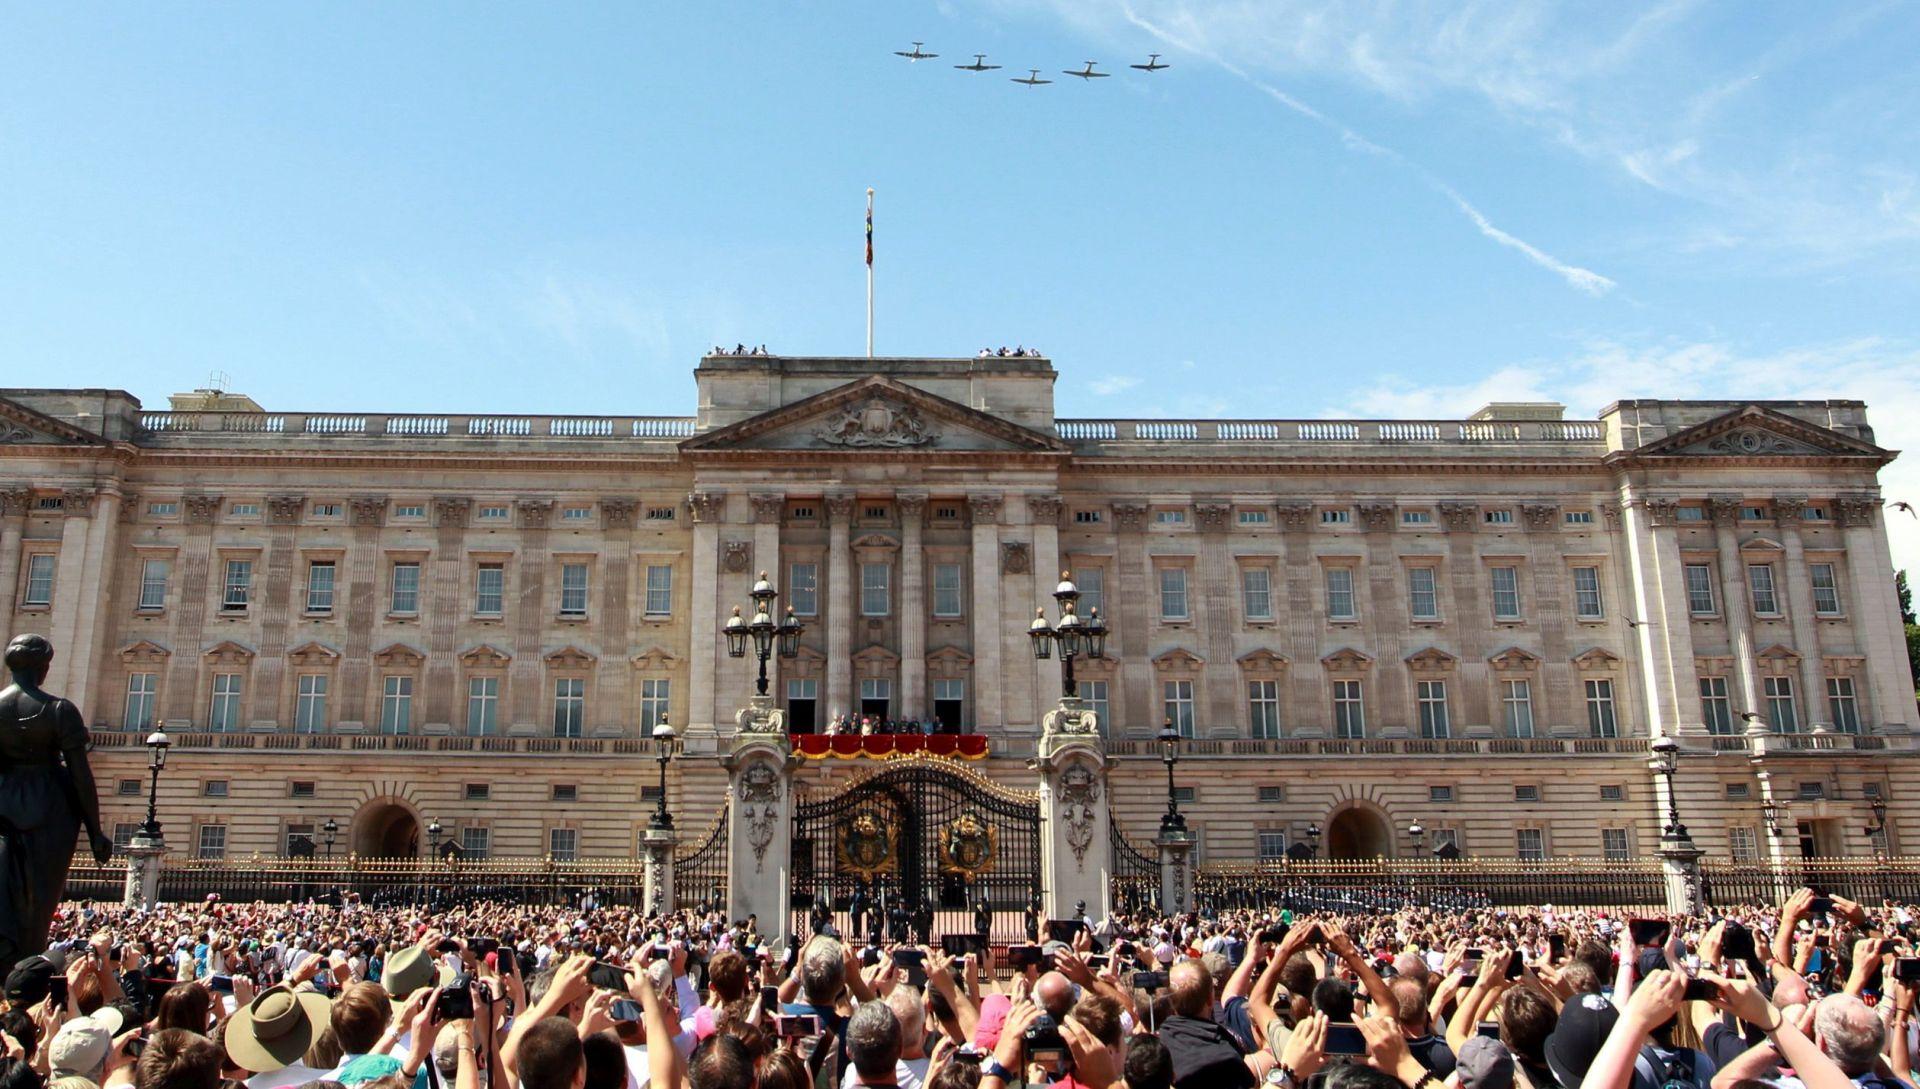 NAKON NAPADA U BERLINU: Zatvoreni pristupi Buckinghamskoj palači